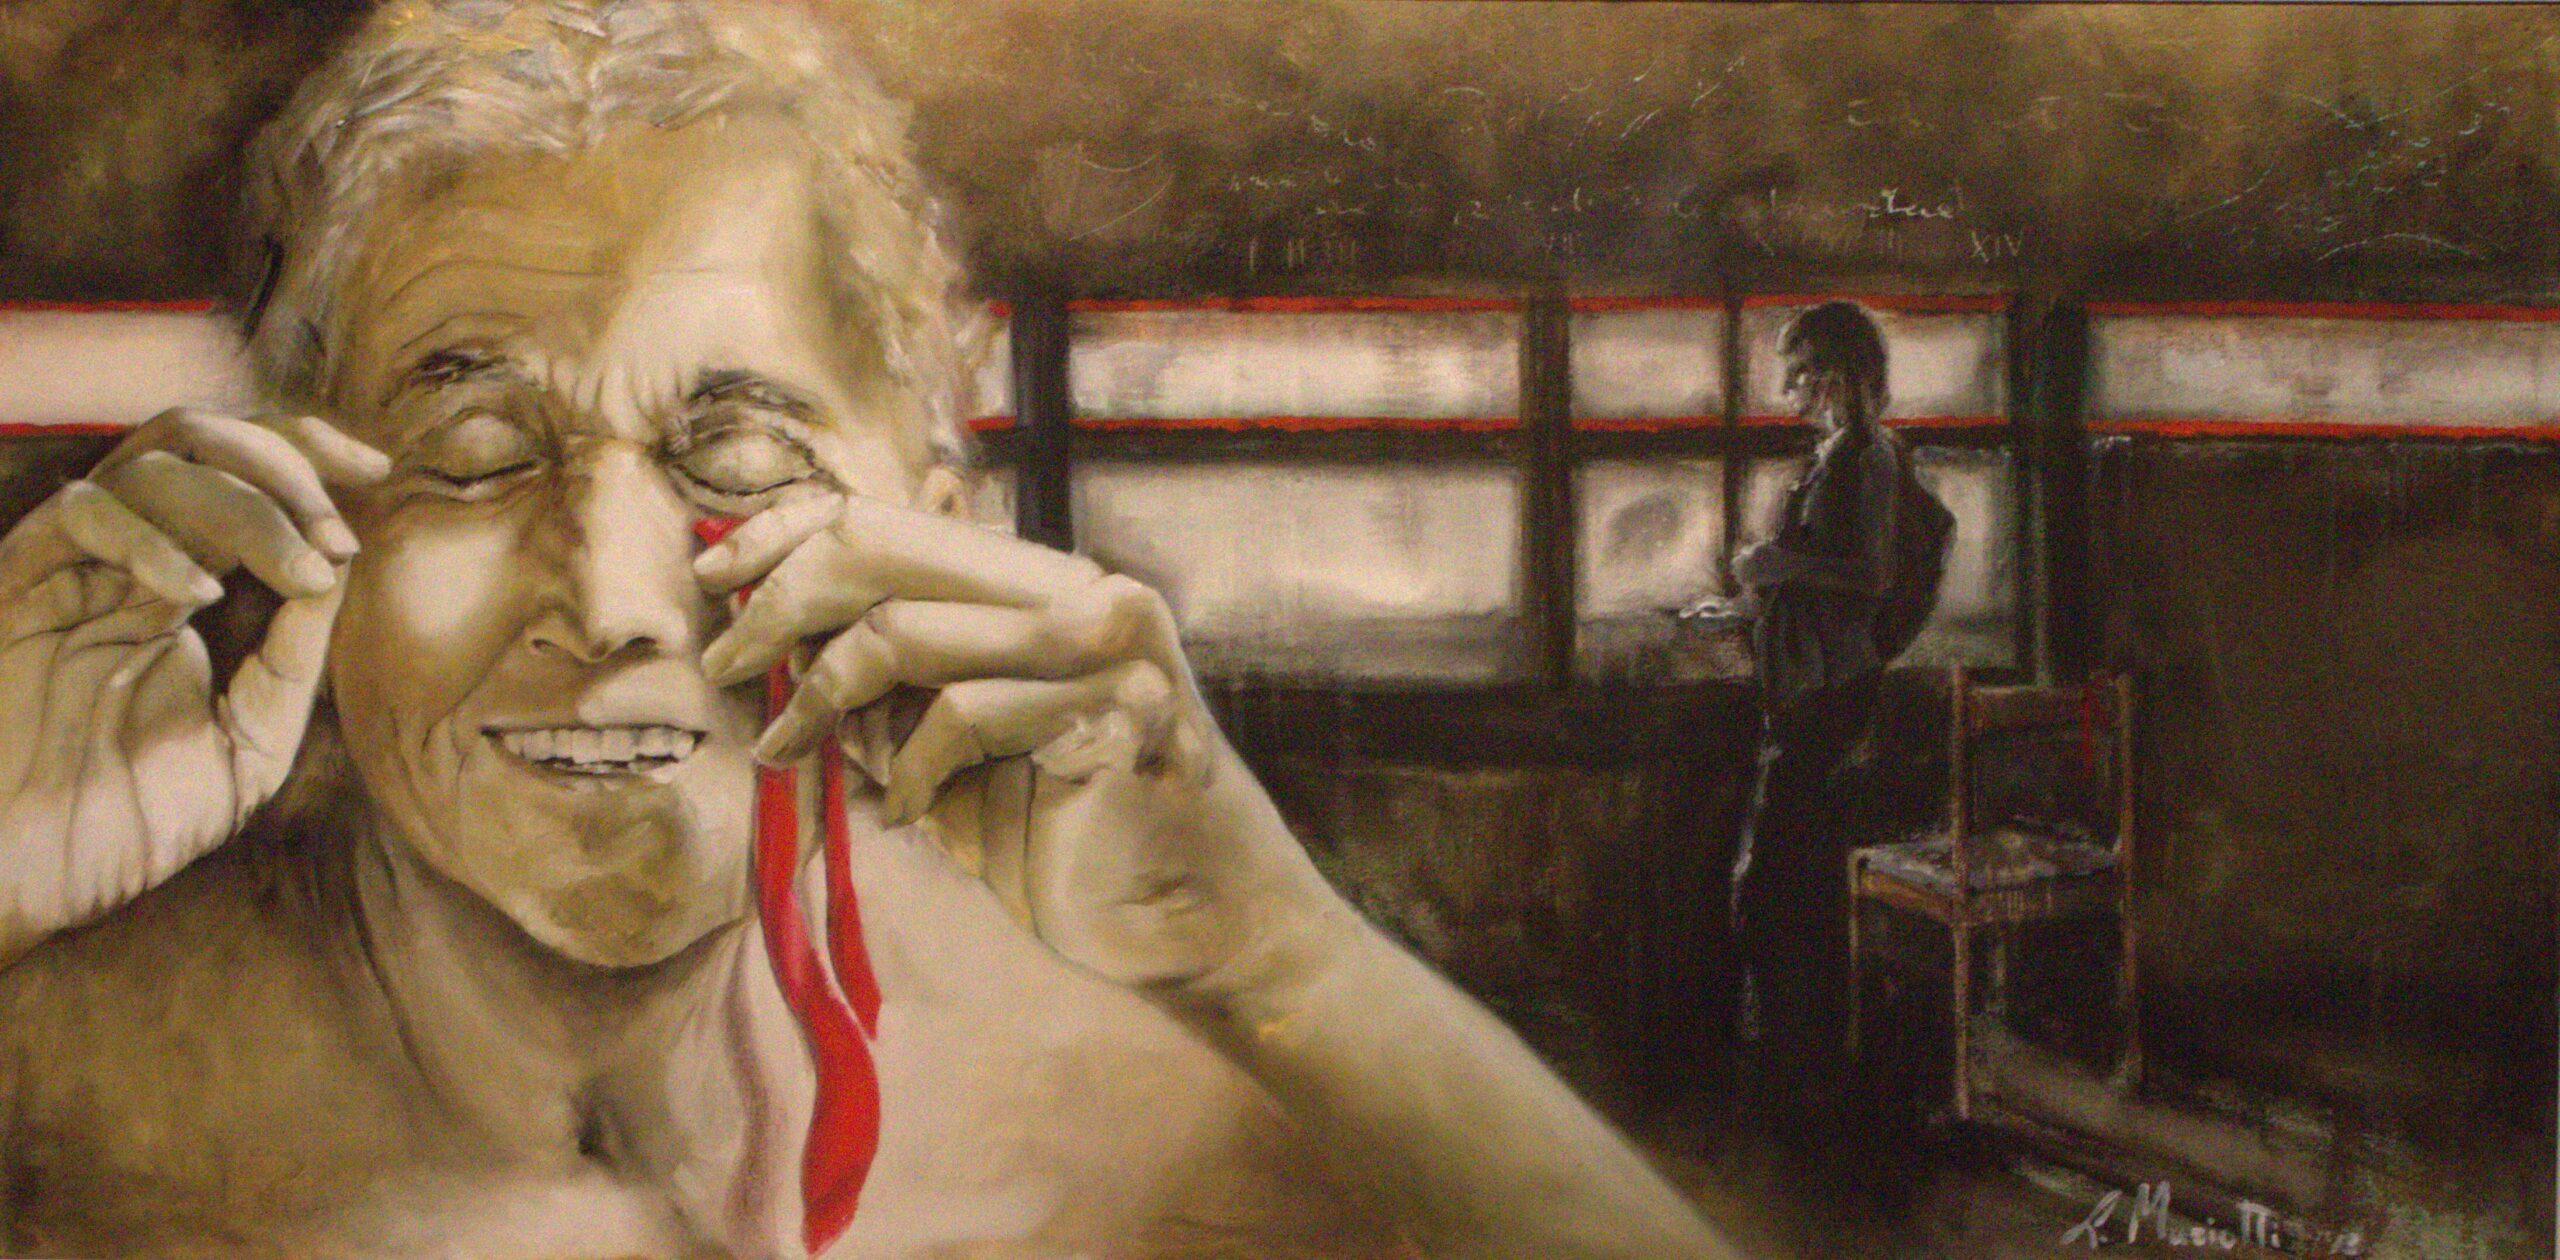 """LAURA MARIOTTI: """"il figlio"""" TECNICA: olio e pastello su tela DIMENSIONI: 100x50 Il legame tra un padre e un figlio non si lascia catturare facilmente dai colori, se il padre si spoglia del proprio ruolo. Sulla tela è l'oro che assume le sue sembianze, la paternità mancata che si riveste di materialità: oro marcito nello scorrere del tempo, in sfumature verde e ruggine. E' anche il volto del padre ormai vecchio, bagnato da una luce calda scesa a rassicurarlo che tutto non è perduto. Quell'abbraccio caldo e rassicurante è la menzogna, e adesso le sue labbra possono tranquillamente schiudersi in un sorriso. Tra le dita un nastro rosso: l'indelebile legame custodito nel sangue, l'ultimo appiglio alla vita. In lontananza, ben al sicuro dal conforto della menzogna, la cruda realtà. Una stanza buia e sporca – metafora dell'abbandono – alle cui finestre il figlio getta un ultimo sguardo nella speranza di scorgere quella figura senza volto, la cui assenza ha tracciato solchi sulla gelida parete, come nel suo cuore. Quattordici solchi. Zaino in spalla egli abbandona la sua sedia, e con essa il suo nastro rosso: è il suo ultimo viaggio. Il legame tra un padre e un figlio non si lascia catturare facilmente dai colori. Essi percorrono il proprio cammino come due linee rosse parallele, irraggiungibili, tracciate sugli argini di un fiume di vetro. La mano lo naviga in superficie e ne disvela il fondale: dalle nuvole grigie cadde il primo fiocco di neve."""